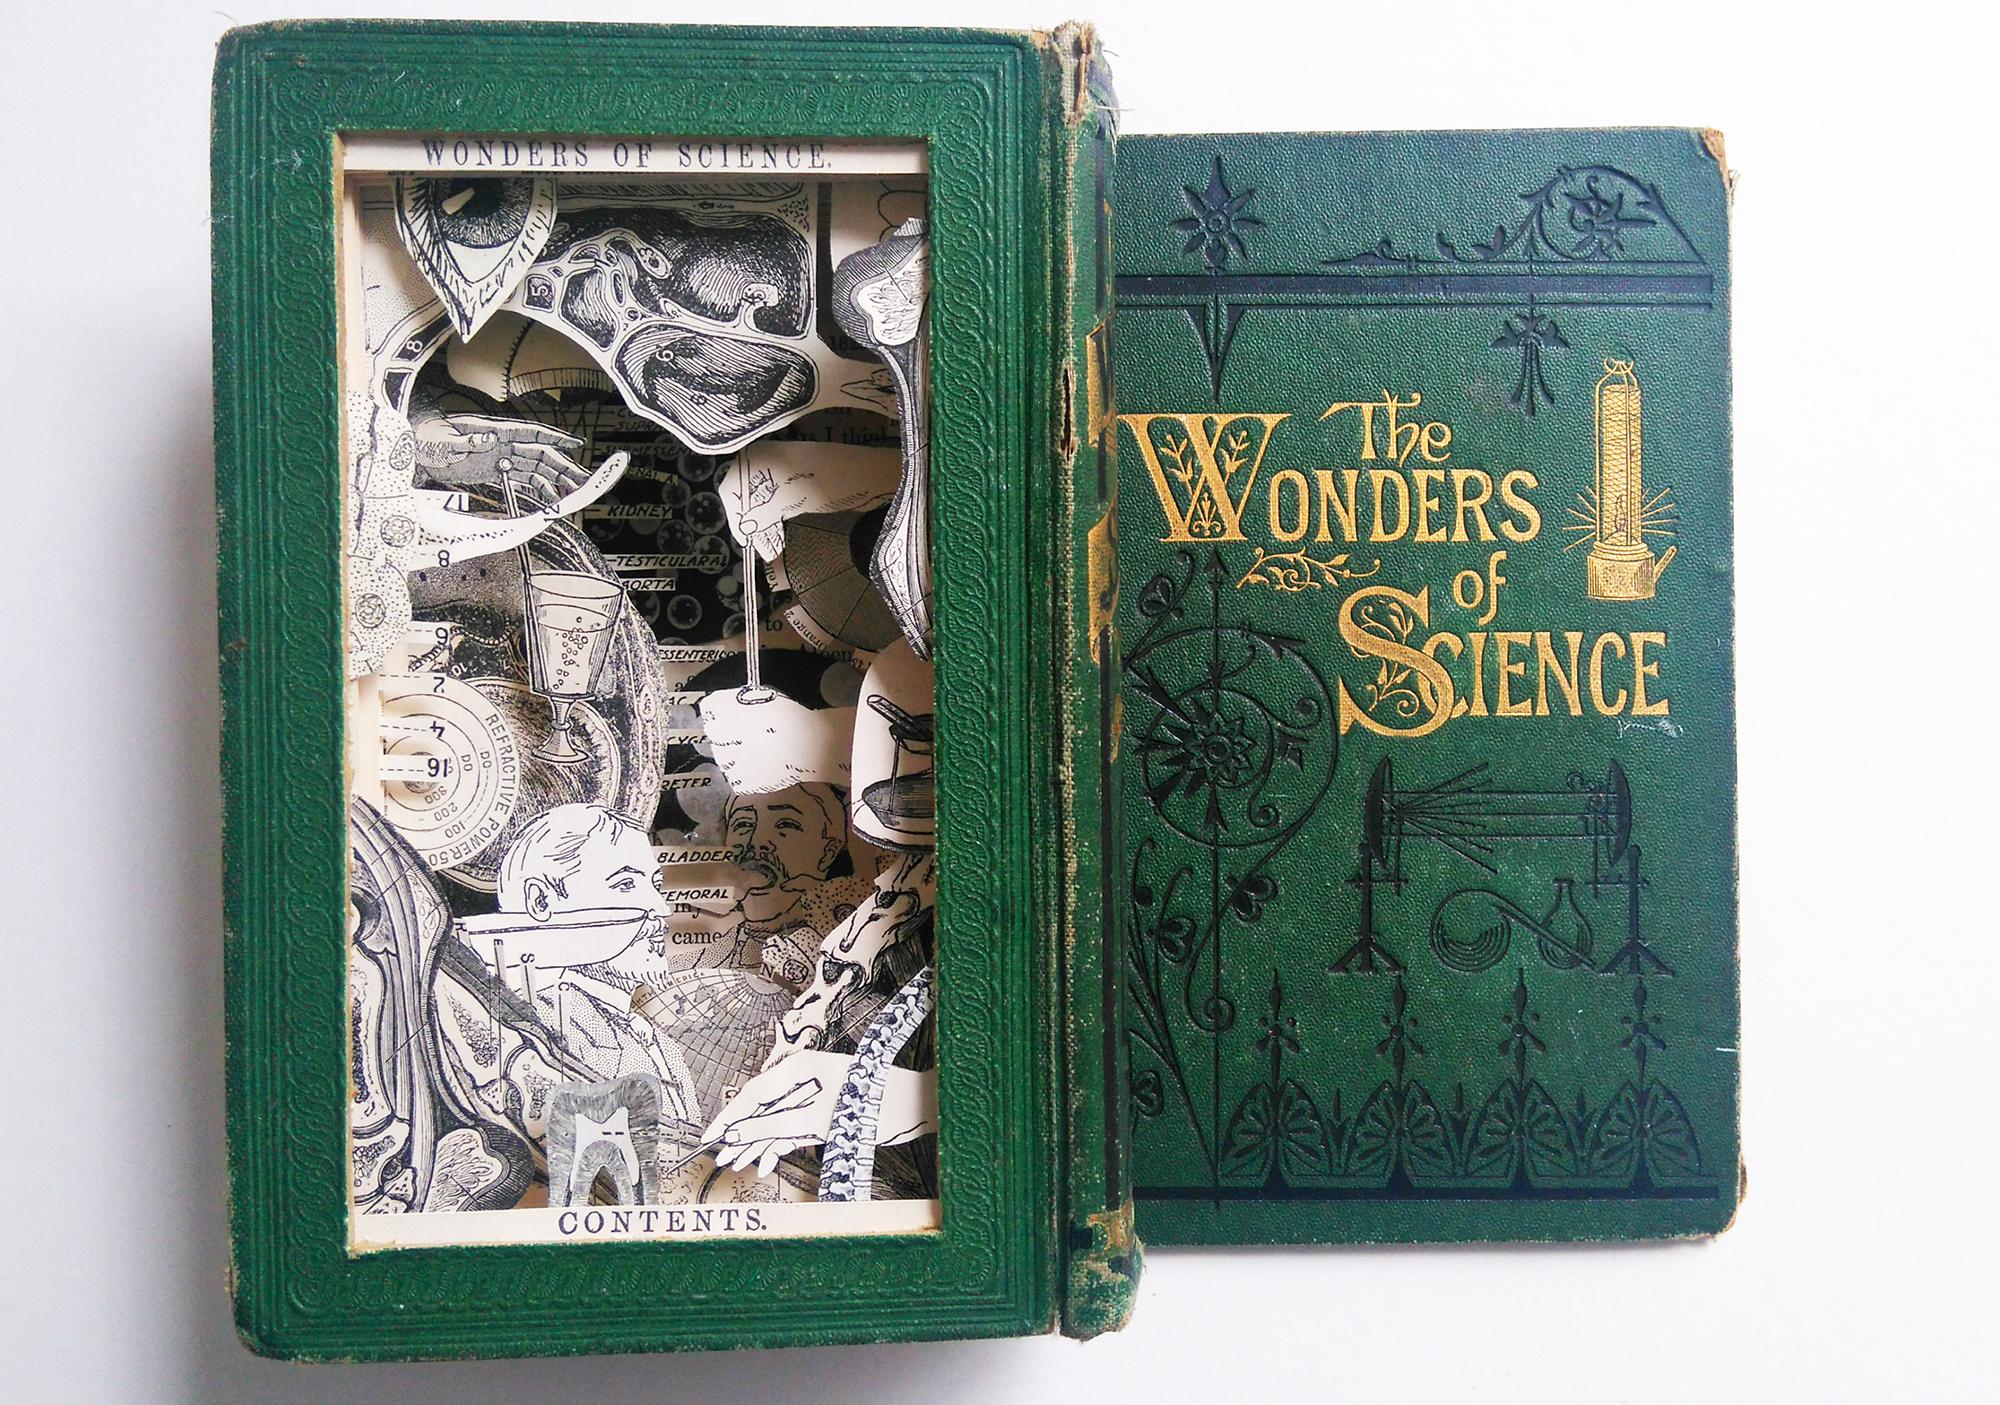 Adele-Moreau-Wonders-of-Science